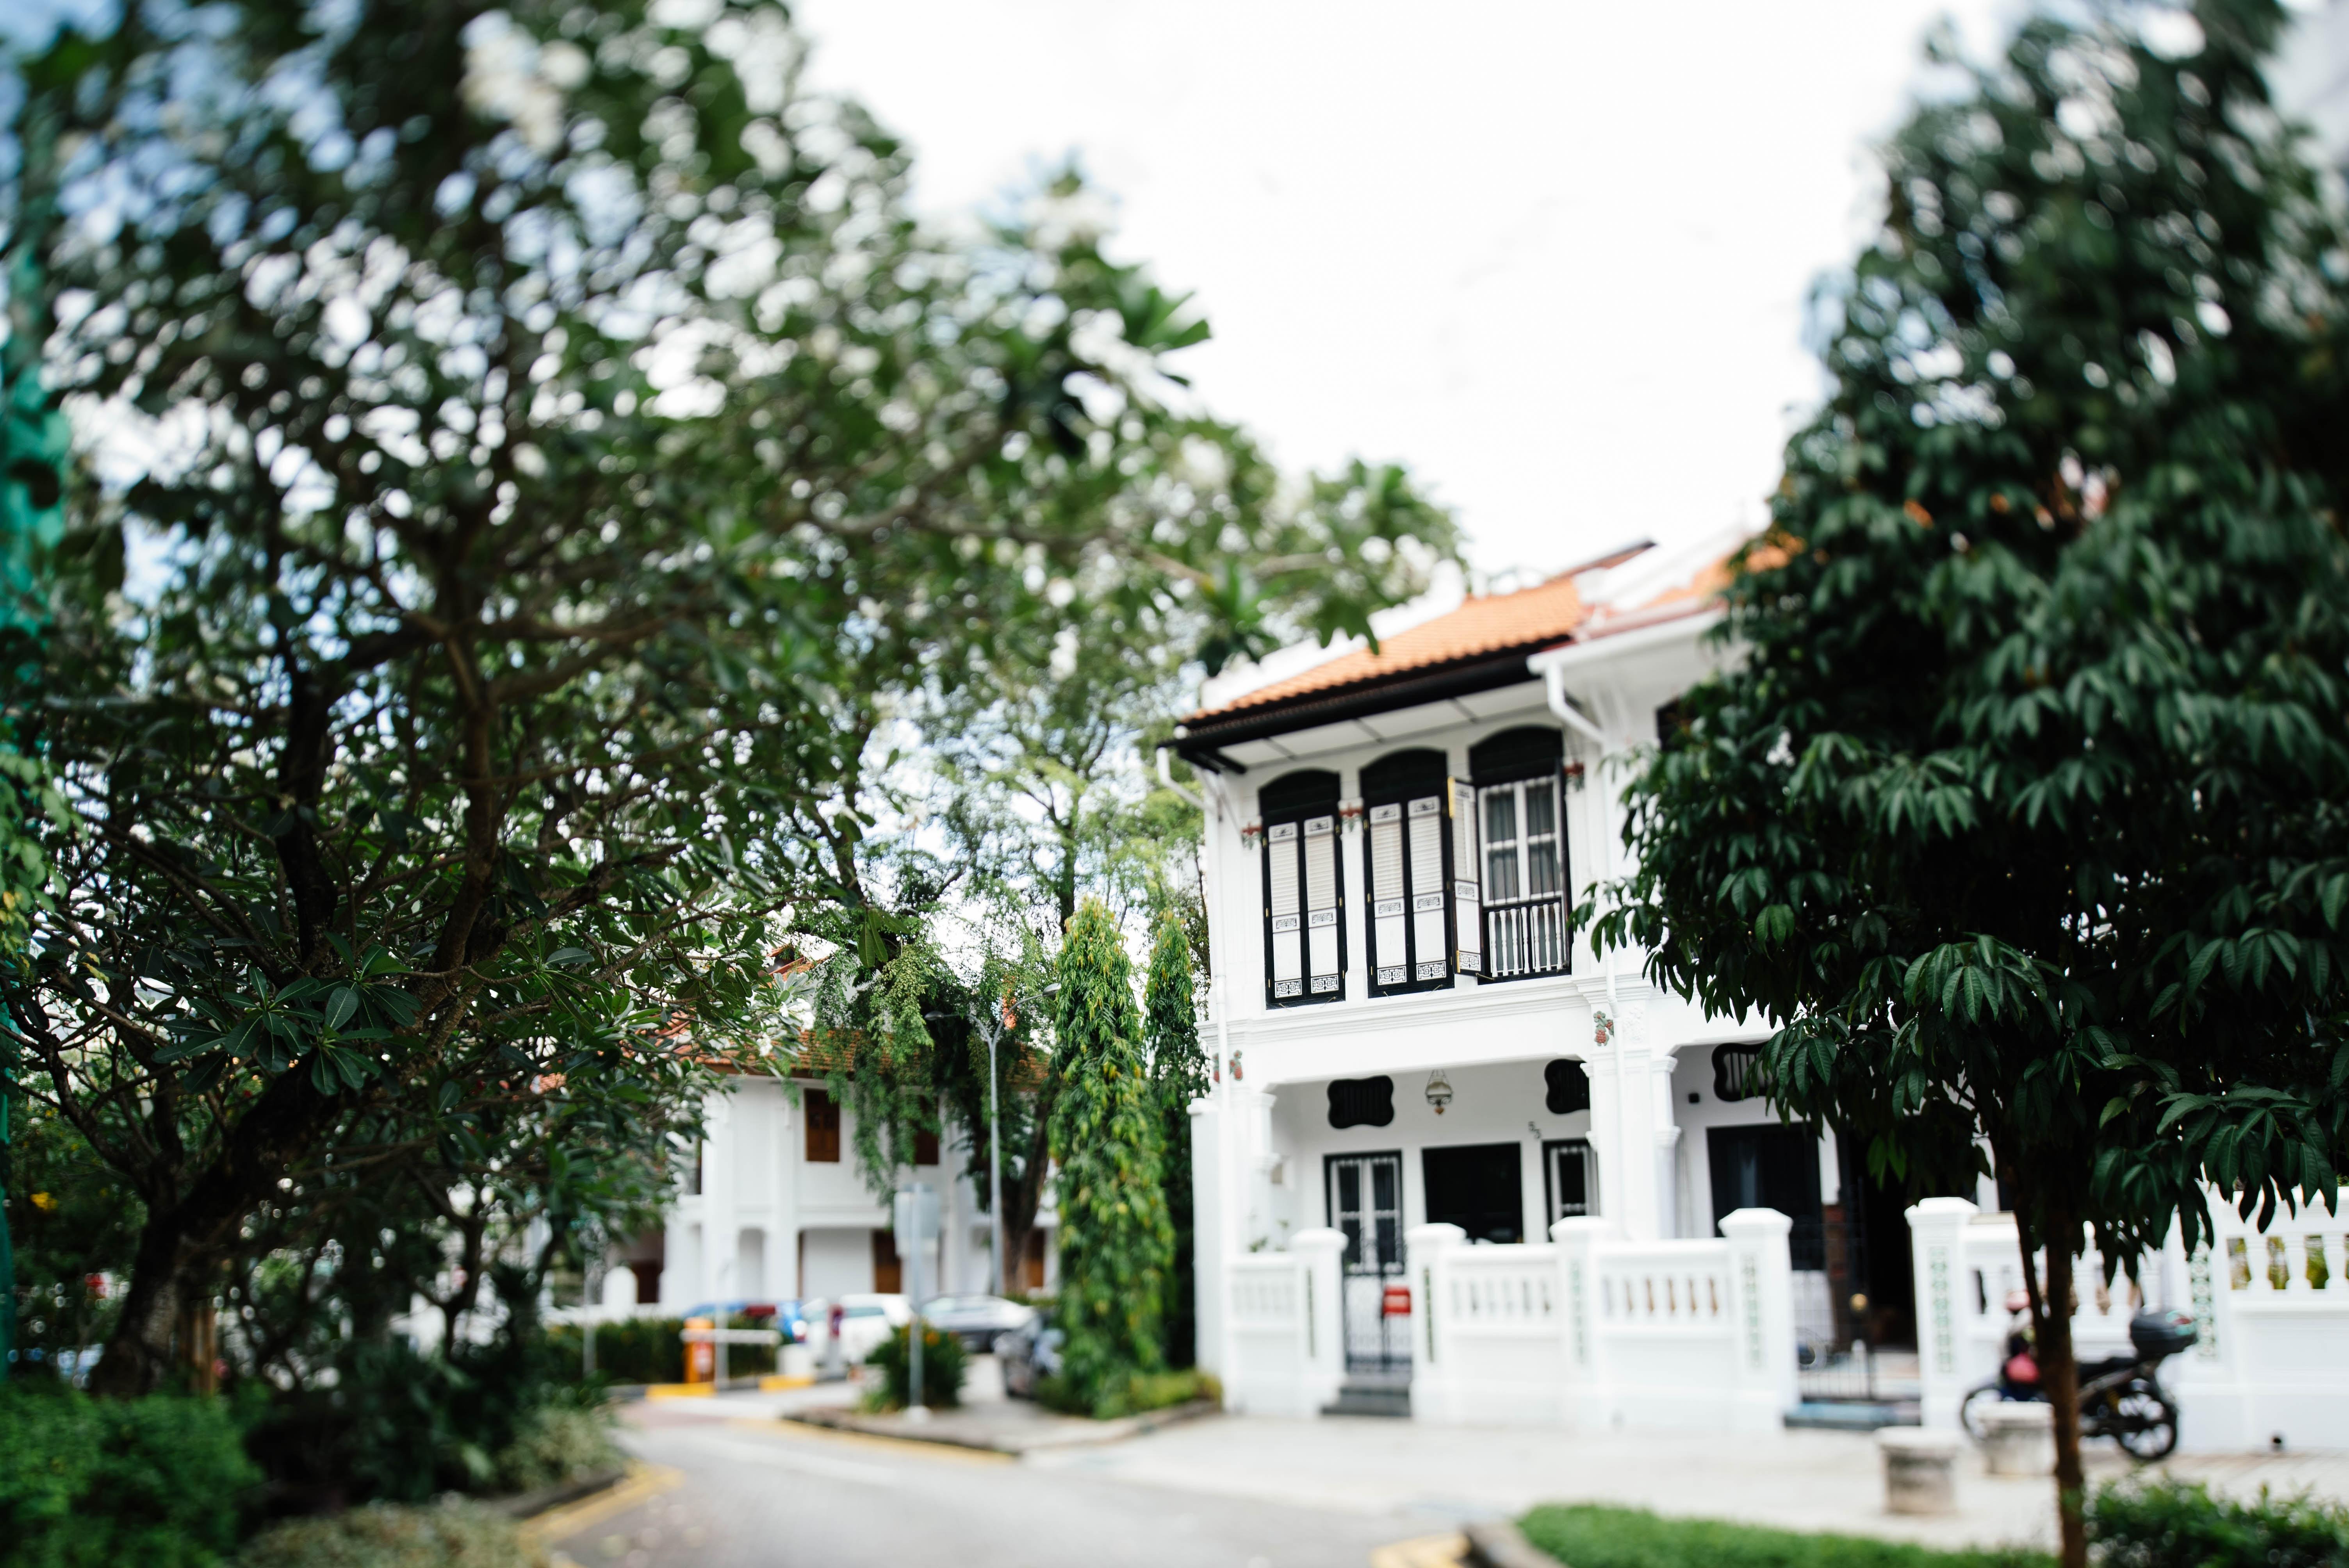 Maison blanche avec arbres dans petit quartier